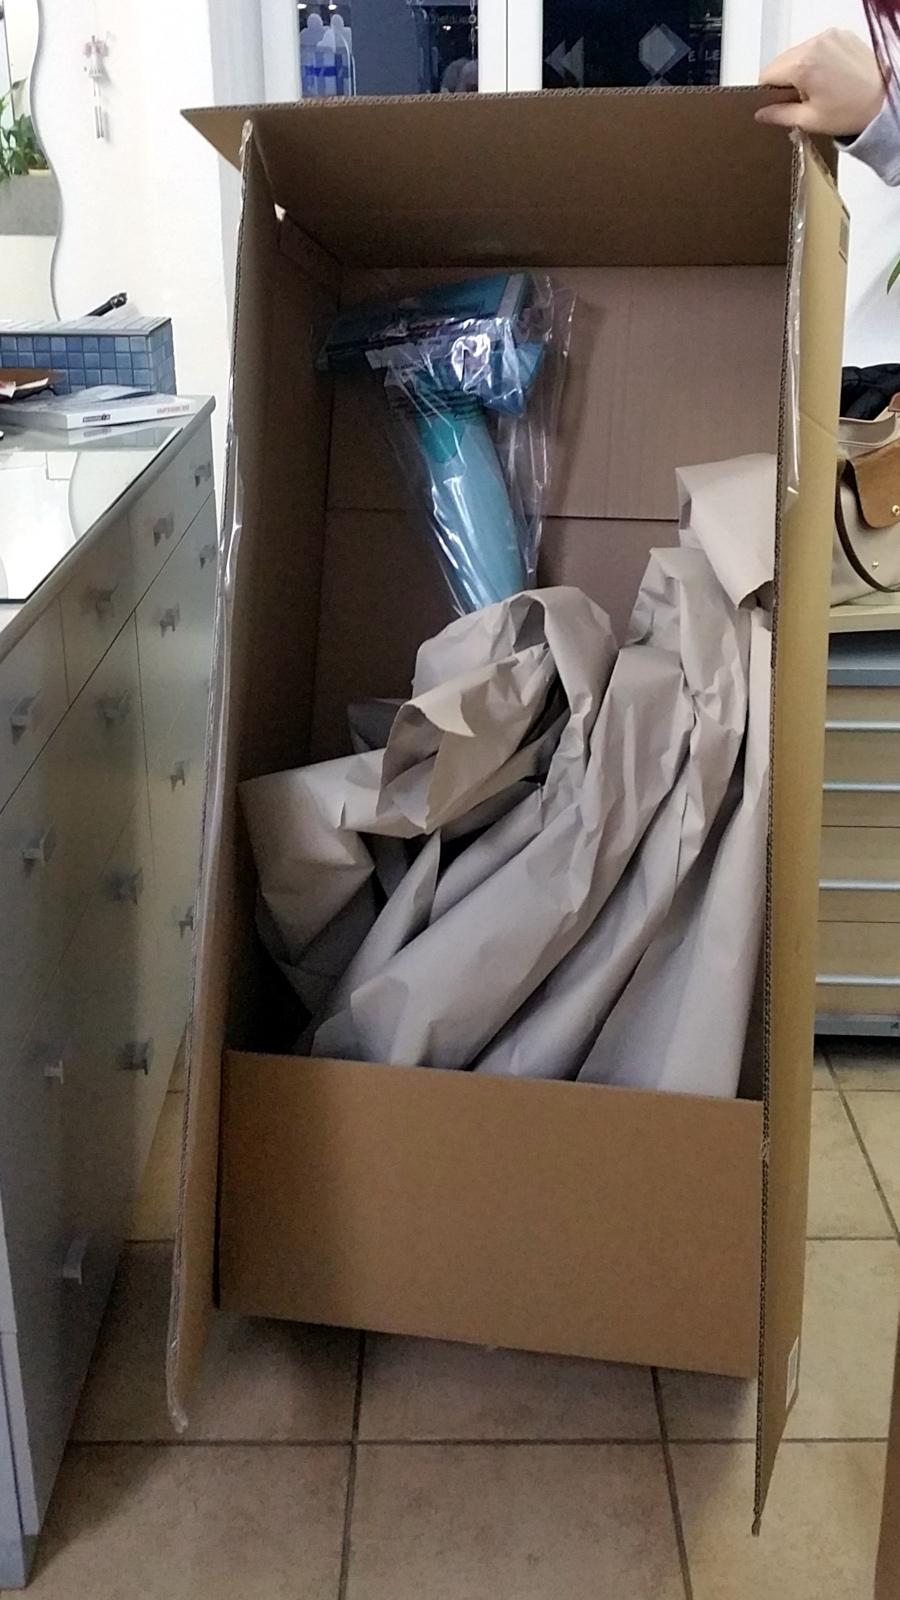 Nur ein Wischmop - Wischmopverpackung überdimensional riesig und voll mit Verpackungsmaterial - Verpackungswahnsinn, miradlo Versanddepot